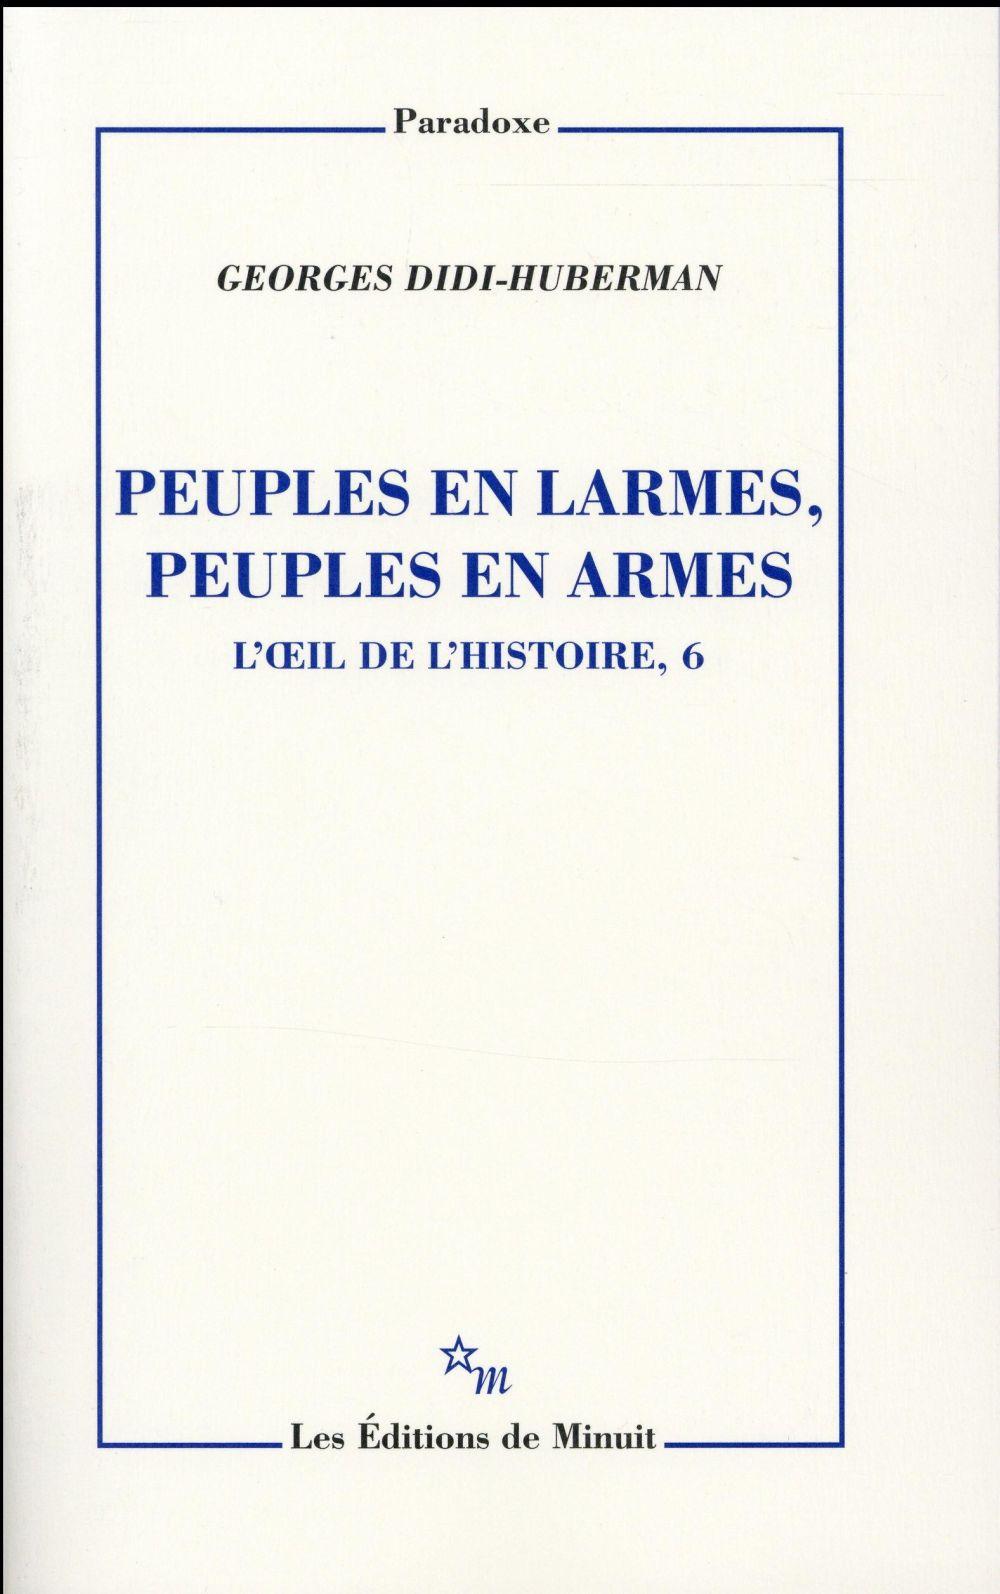 PEUPLES EN LARMES, PEUPLES EN ARMES, L'OEIL DE L'HISTOIRE 6